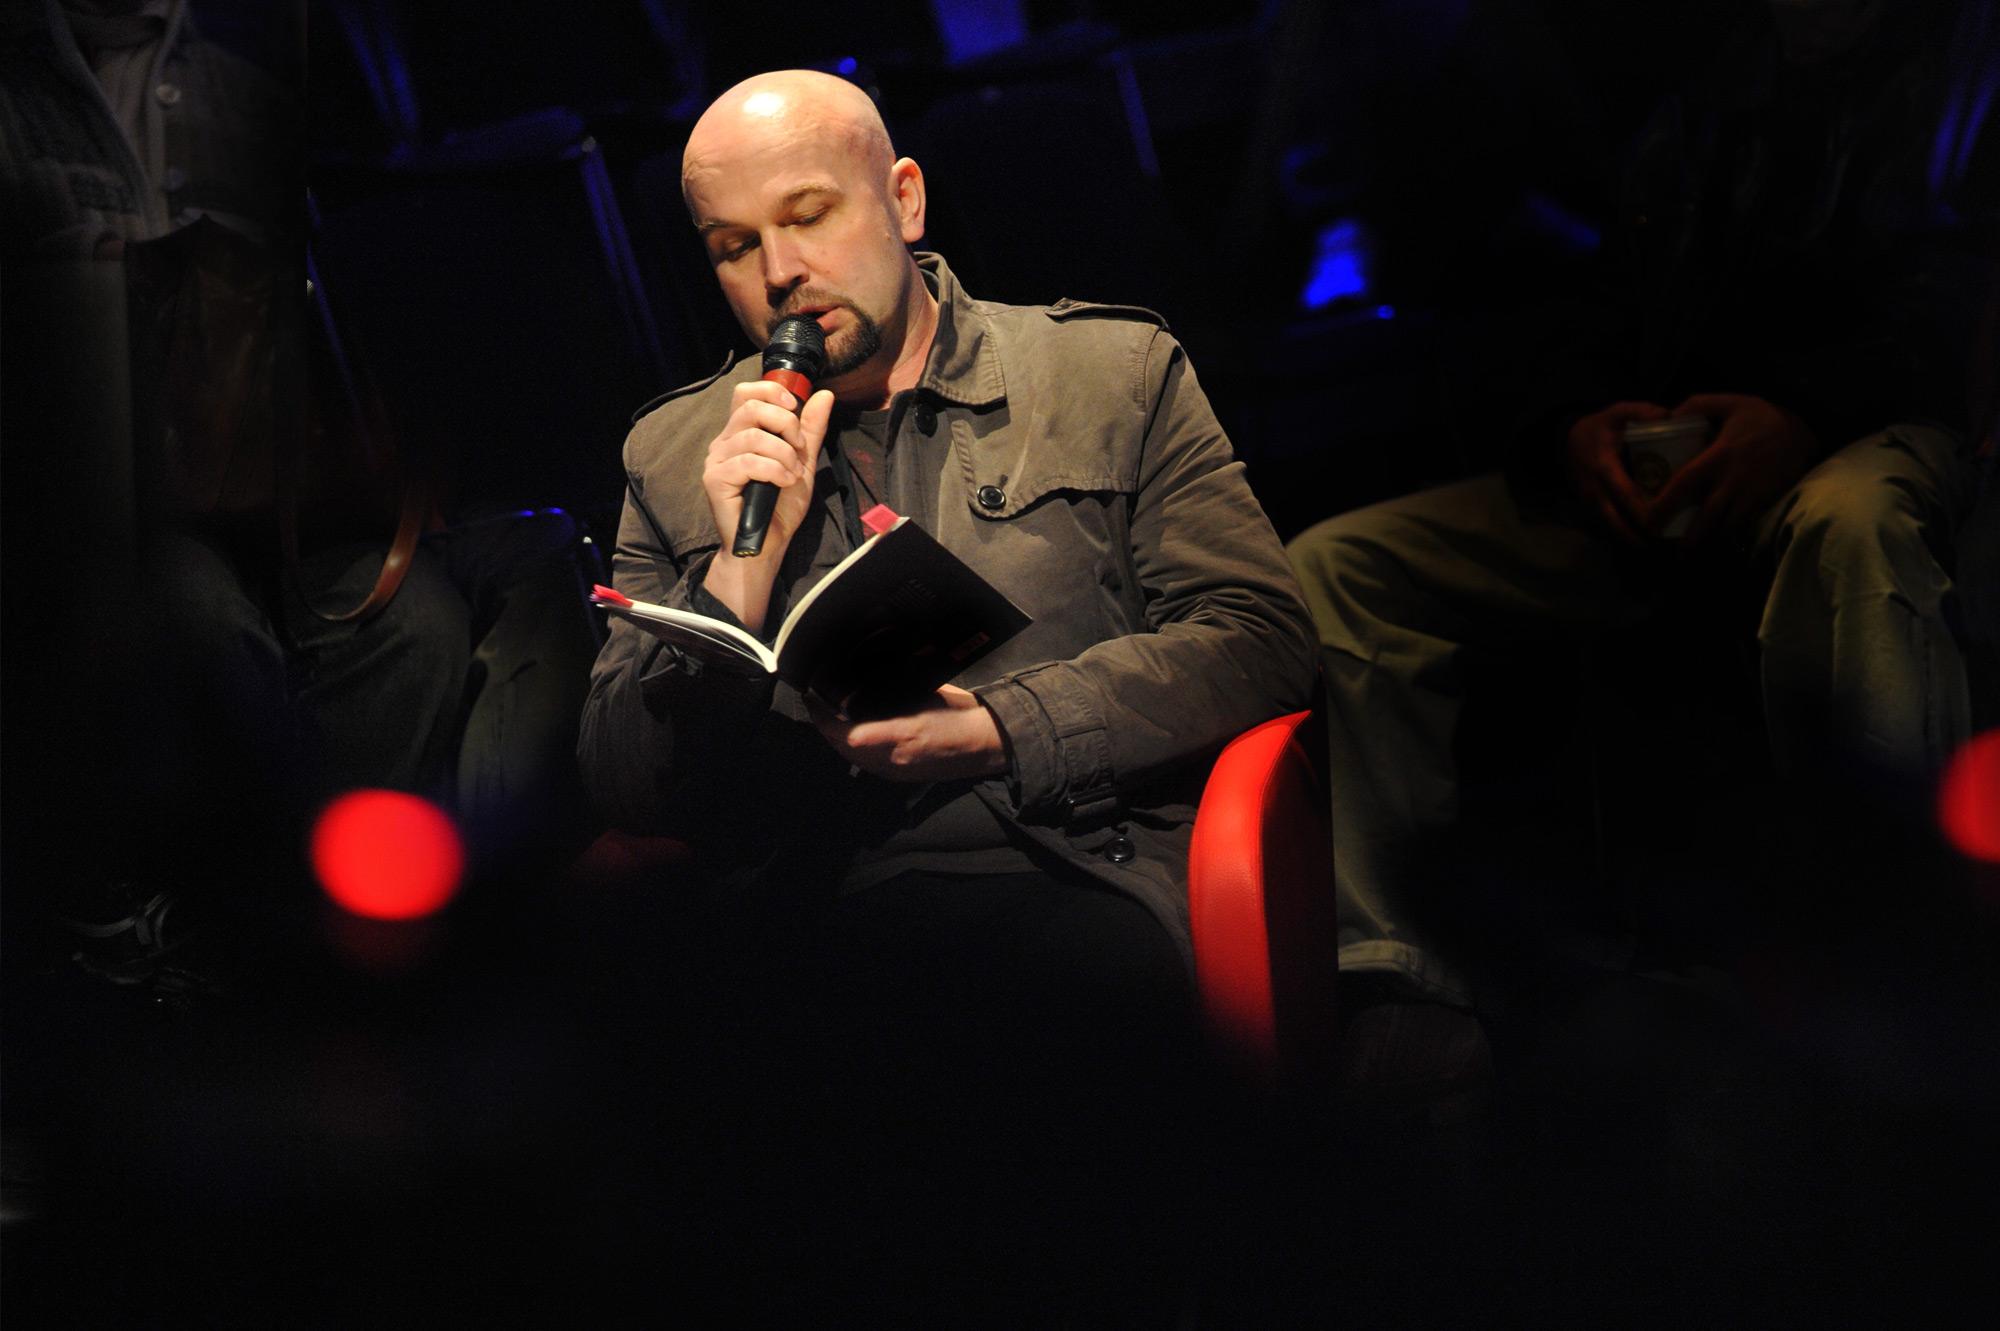 Dariusz Suska